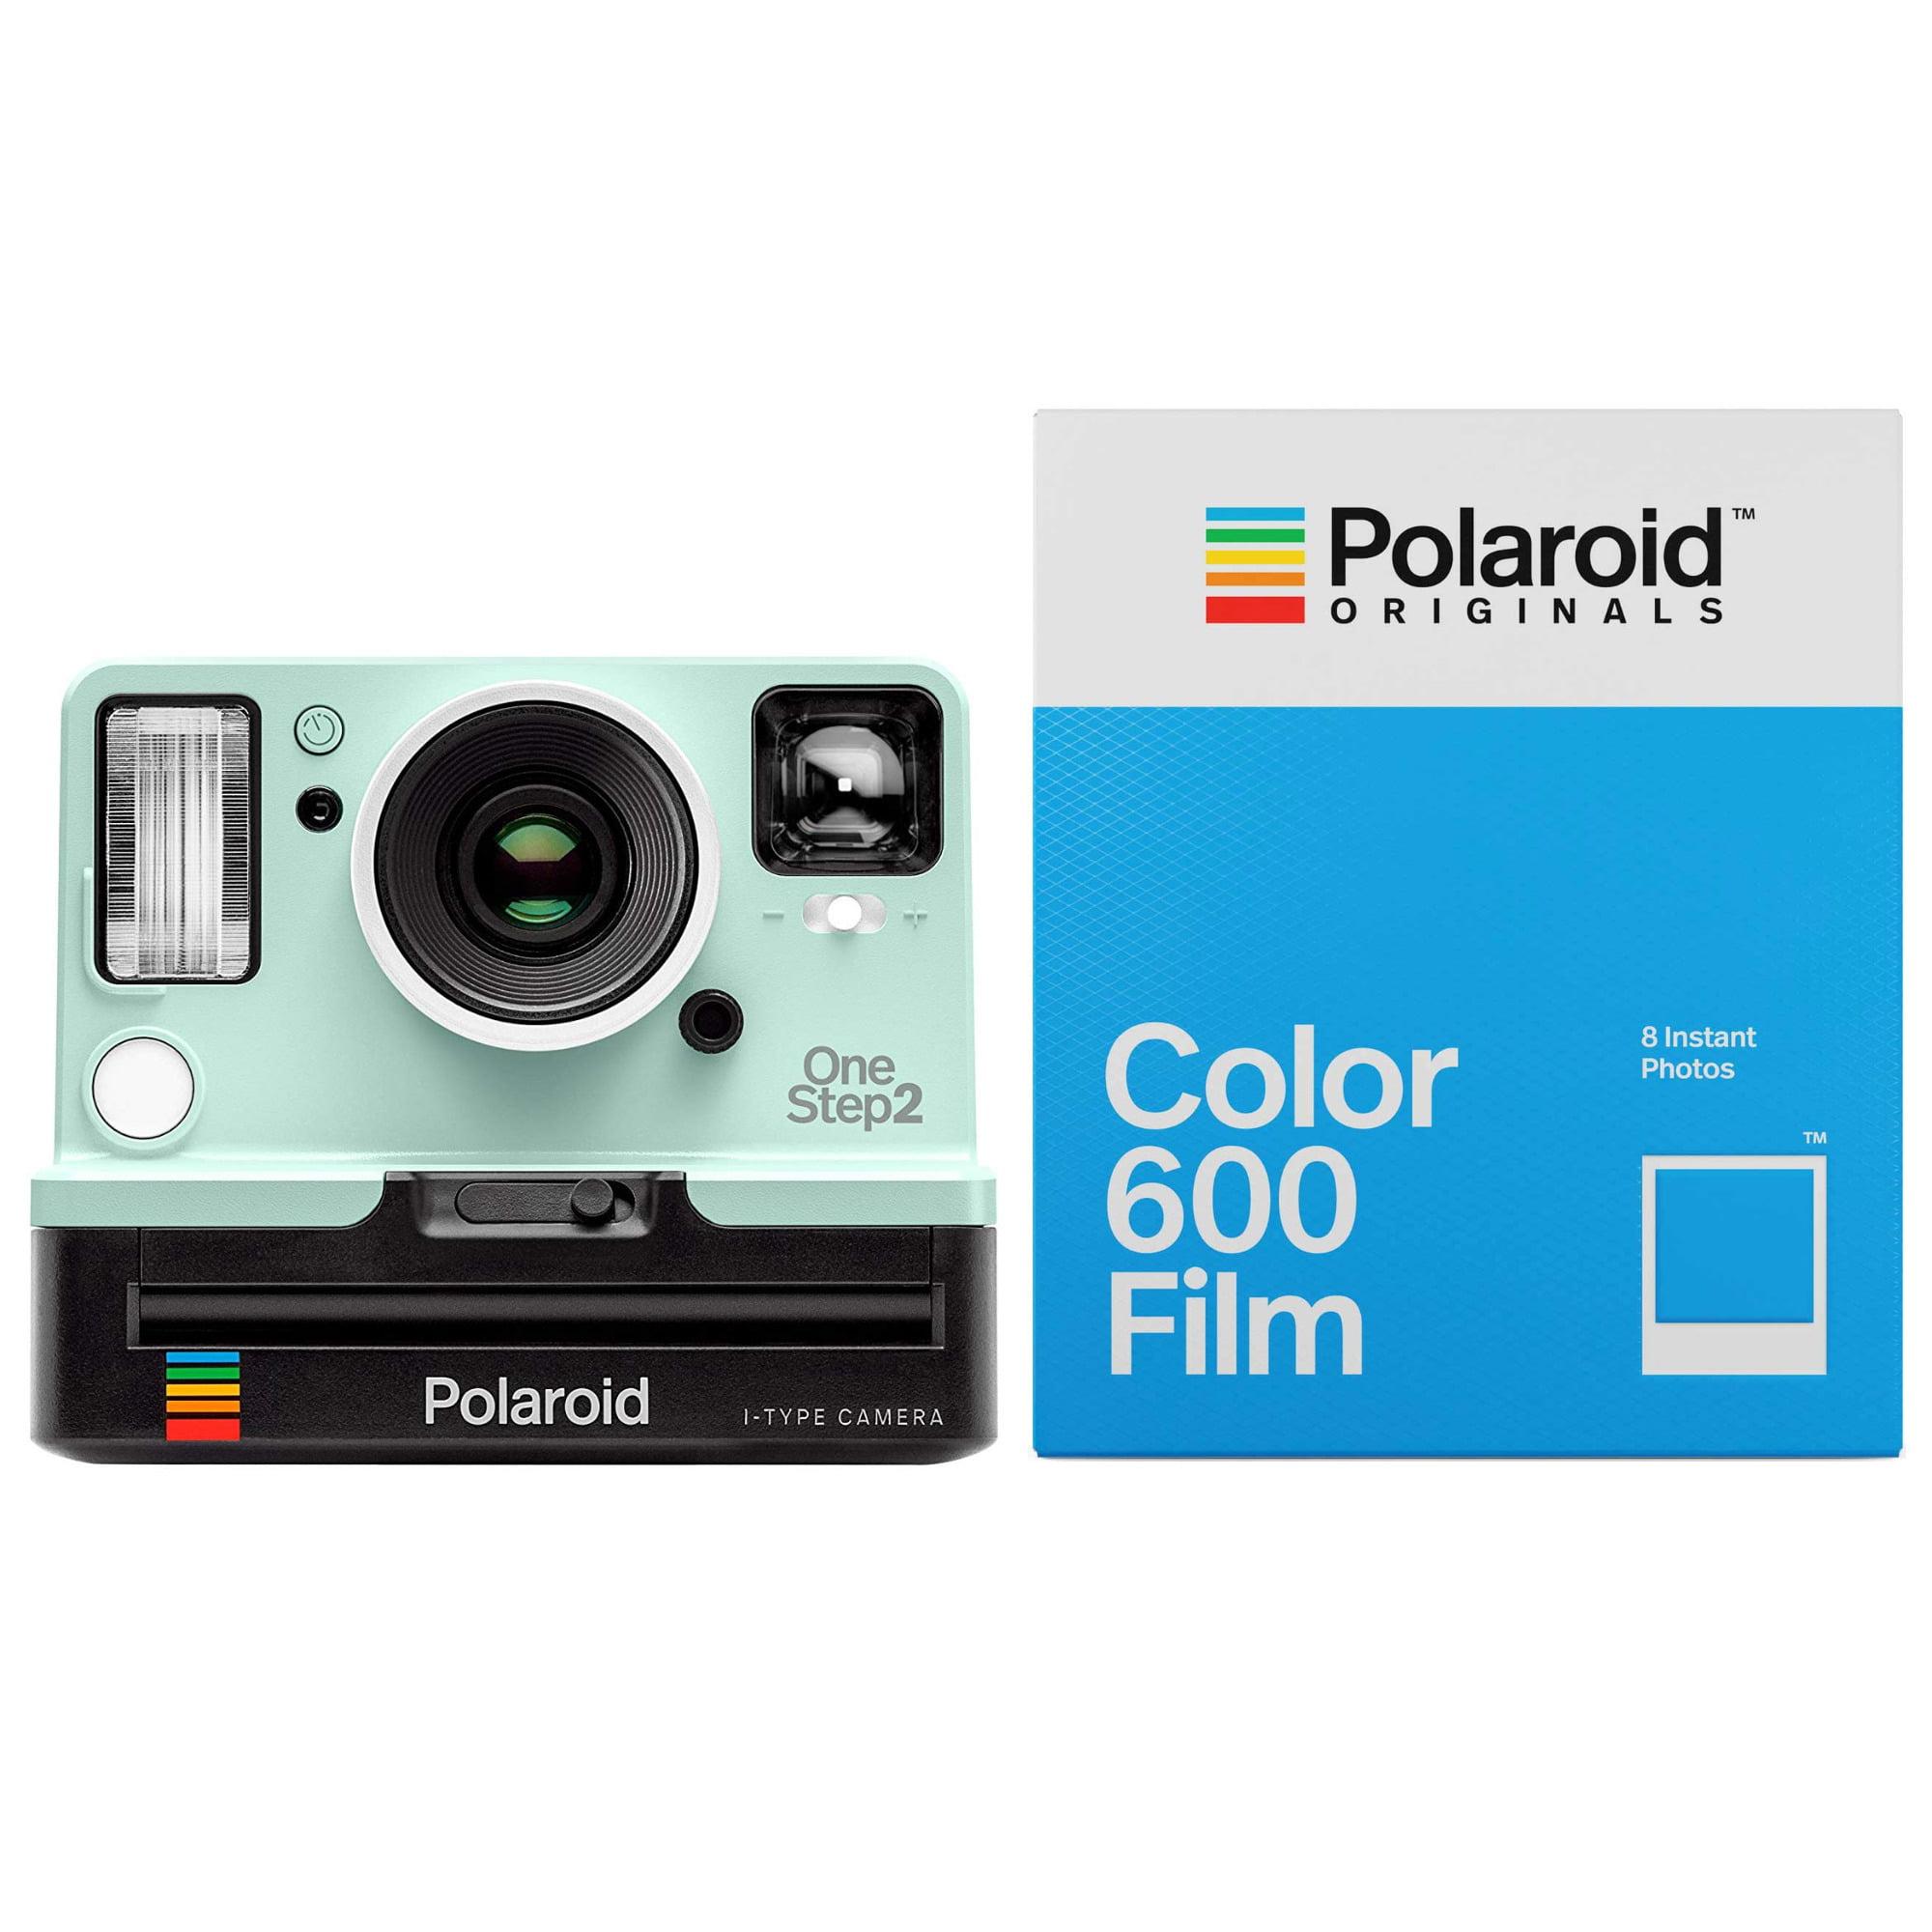 298f178cc Polaroid Originals 9007 OneStep 2 VF Instant Camera (Mint) and Color 600  Film - Walmart.com